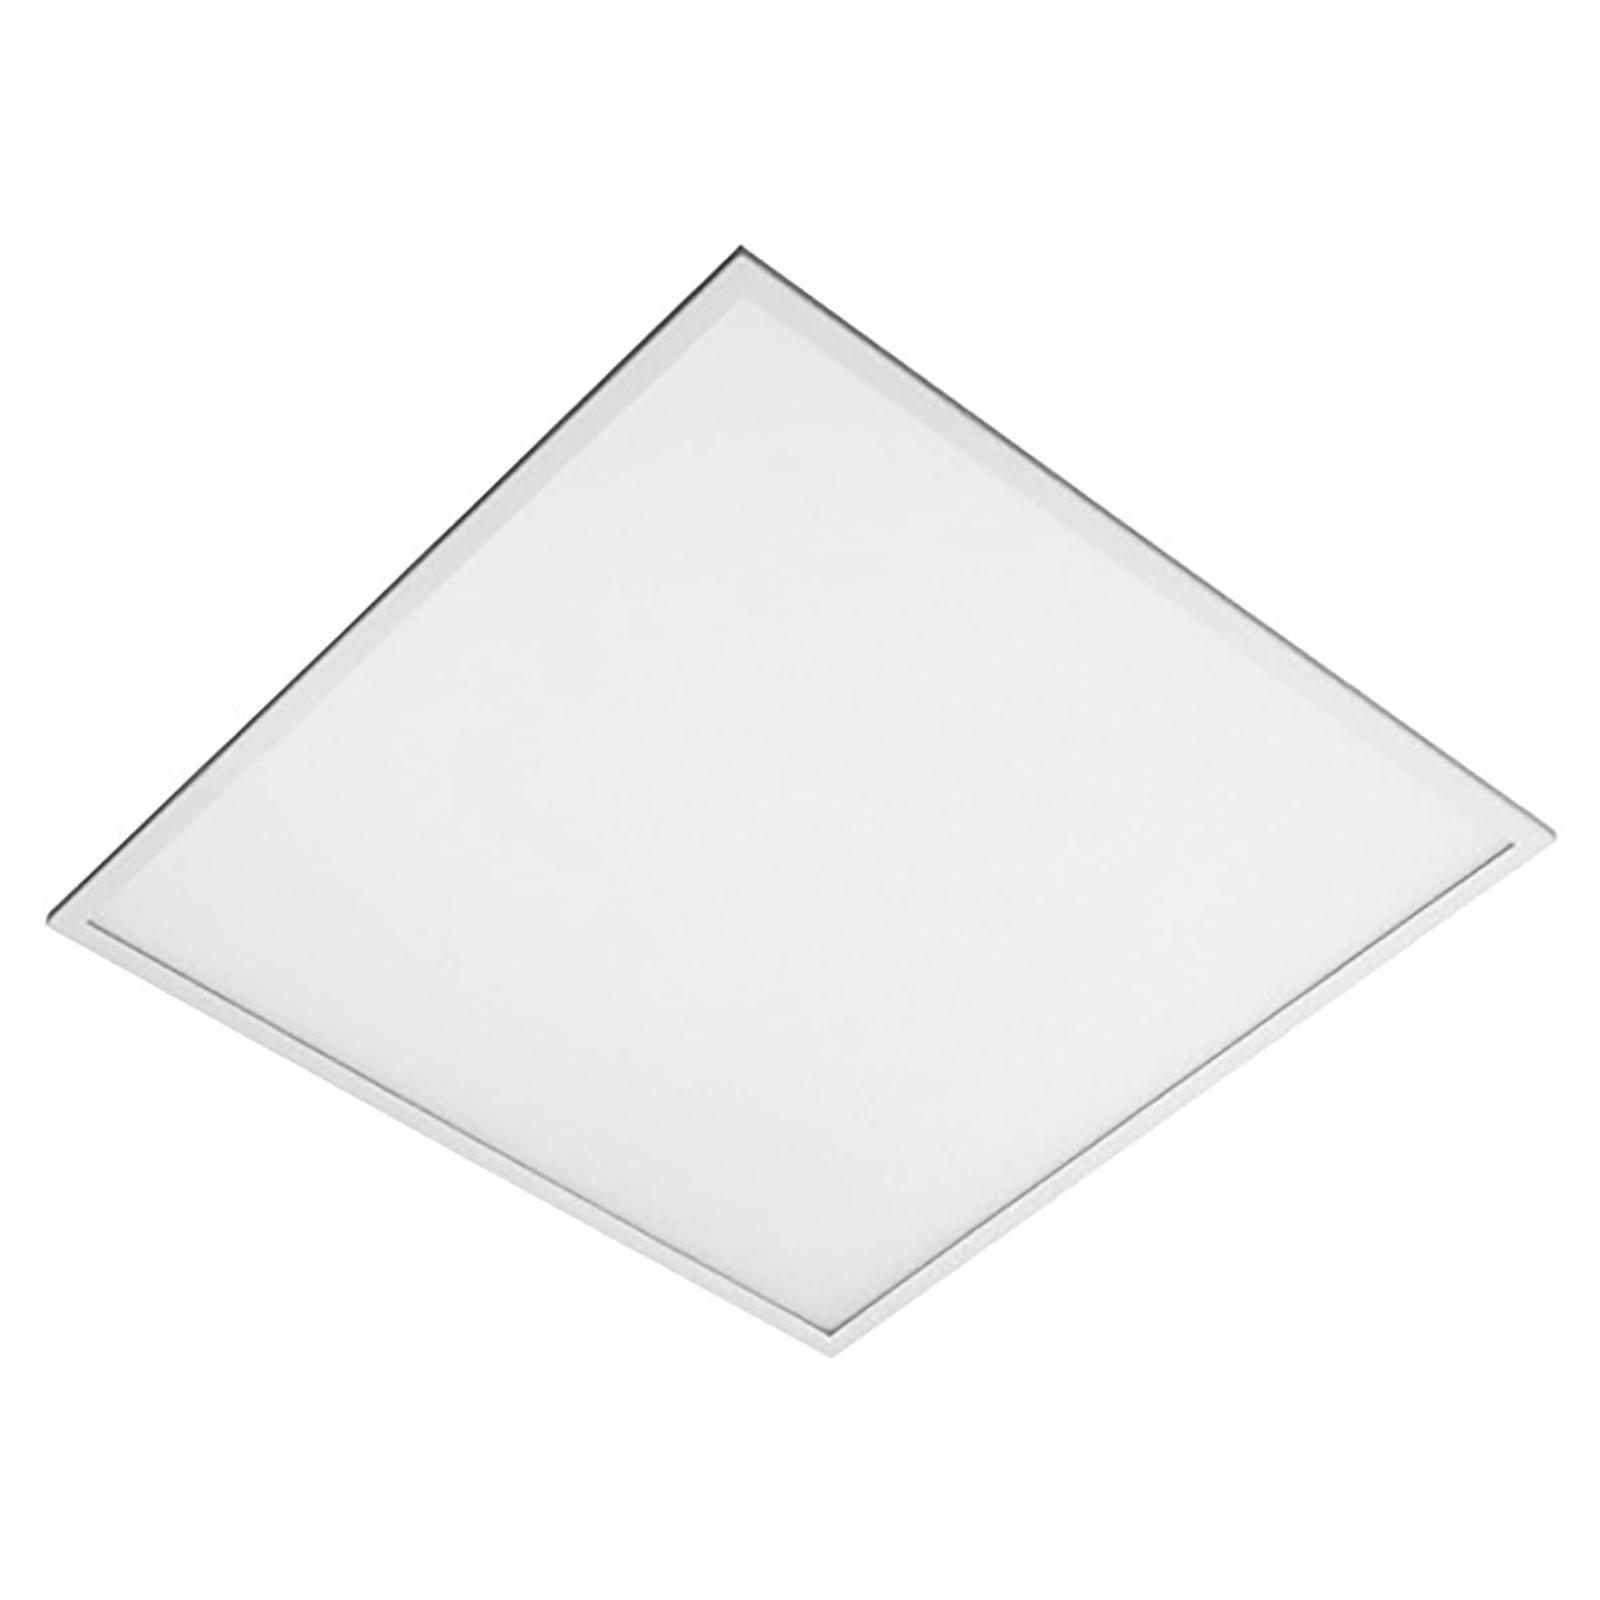 US LED-innleggspanel for rastertak, 3 000 K